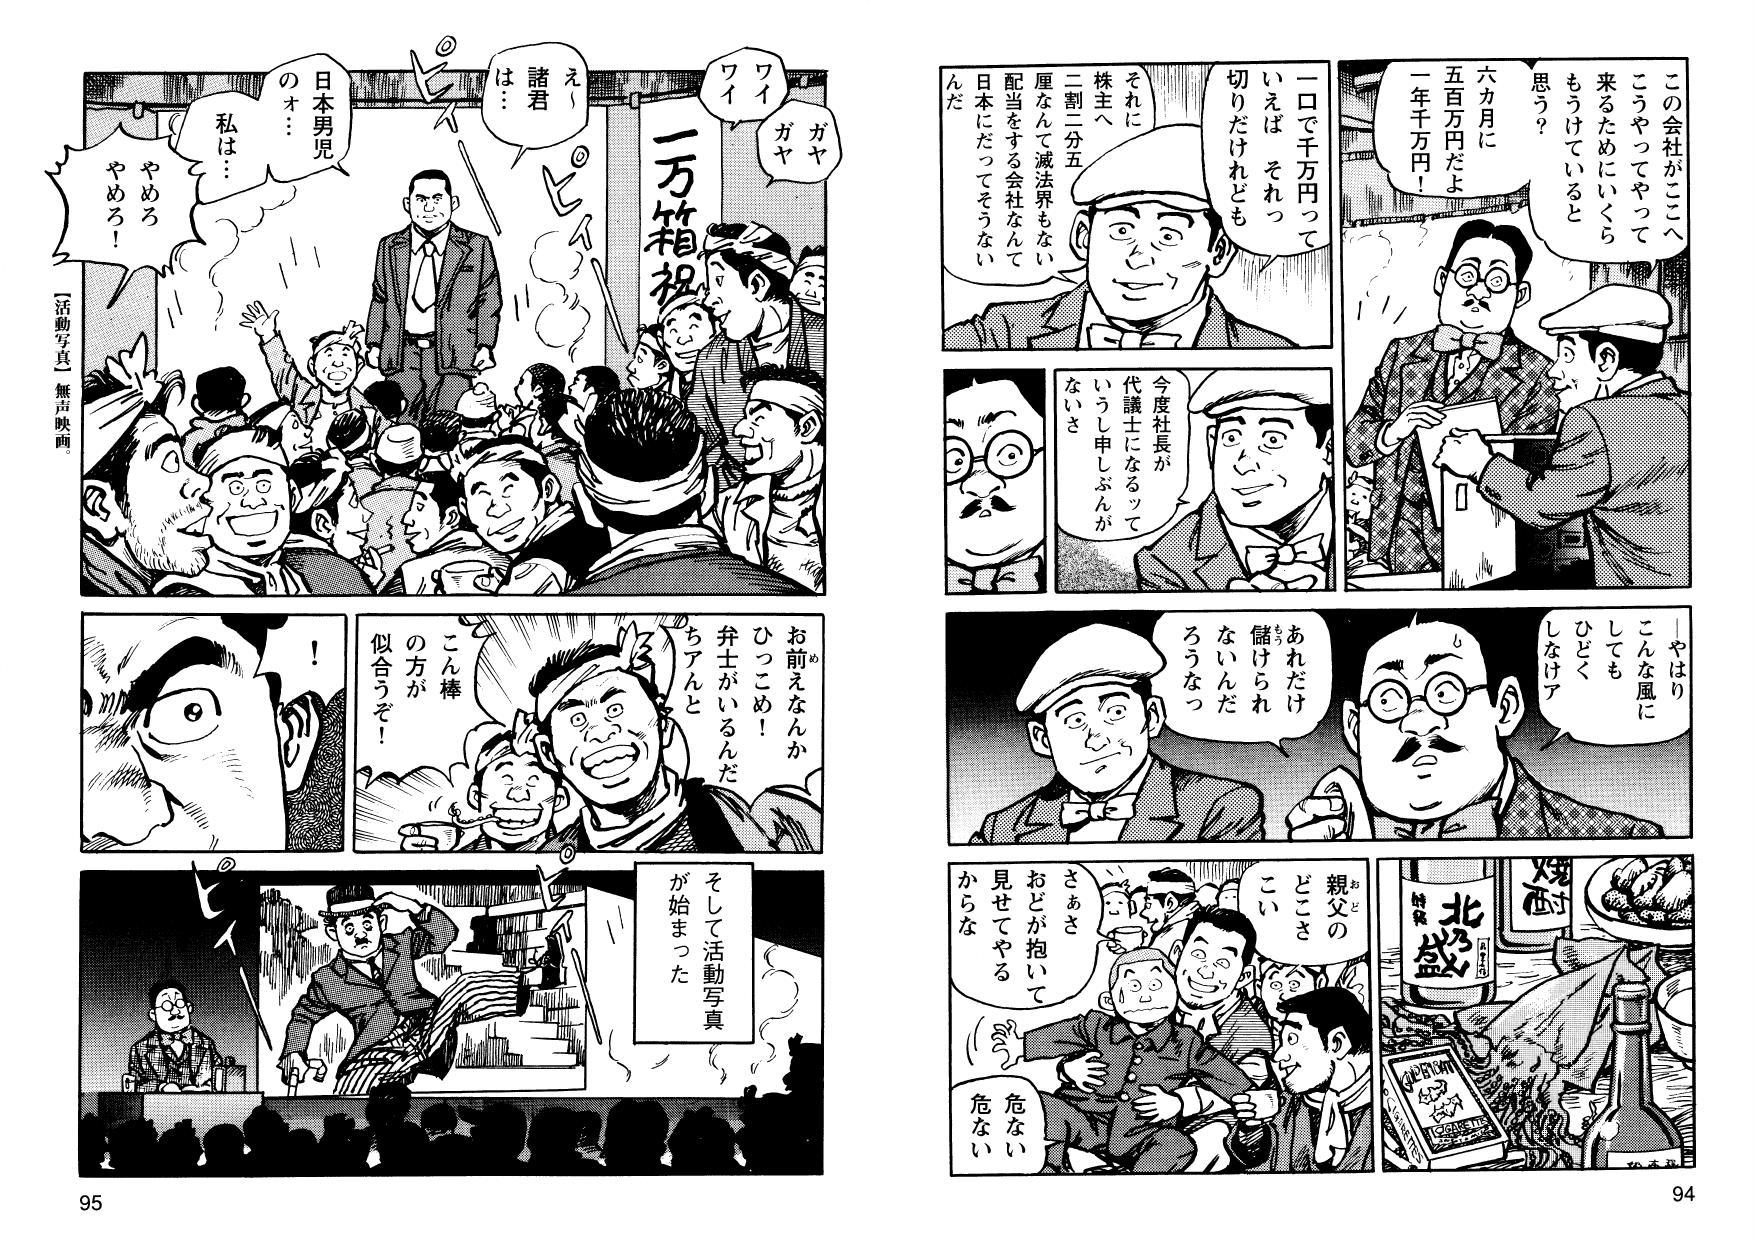 kani_cmc_000048.jpg